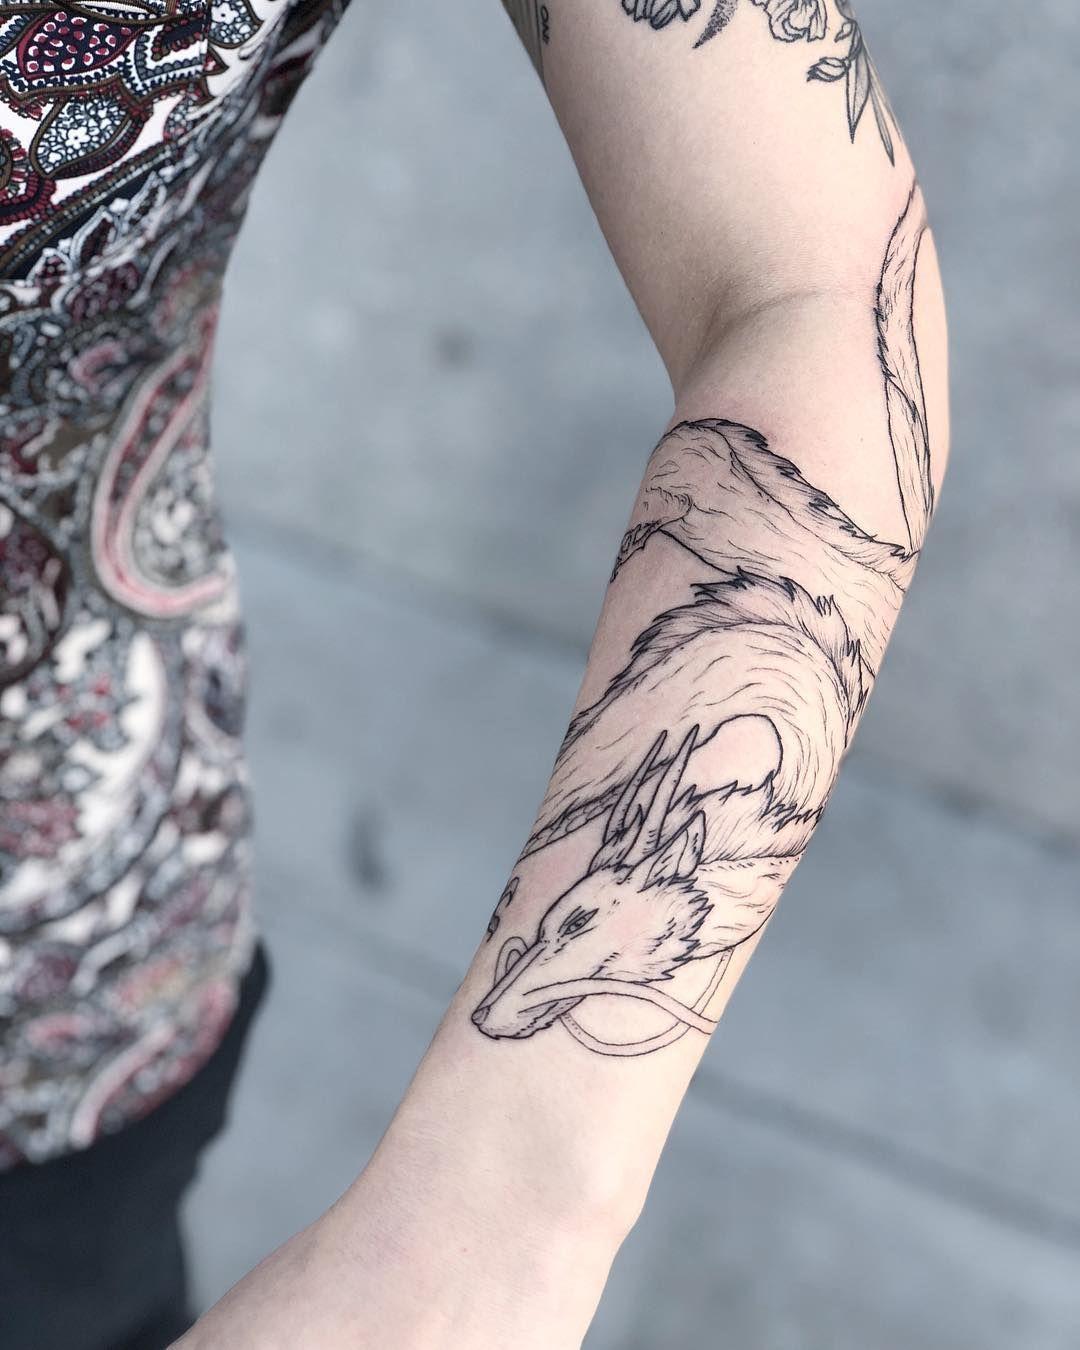 Dragon Tattoo 95 Bilder Und Legendare Bedeutung Dass Pet In 2020 Spirited Away Tattoo Modern Tattoos Dragon Tattoo